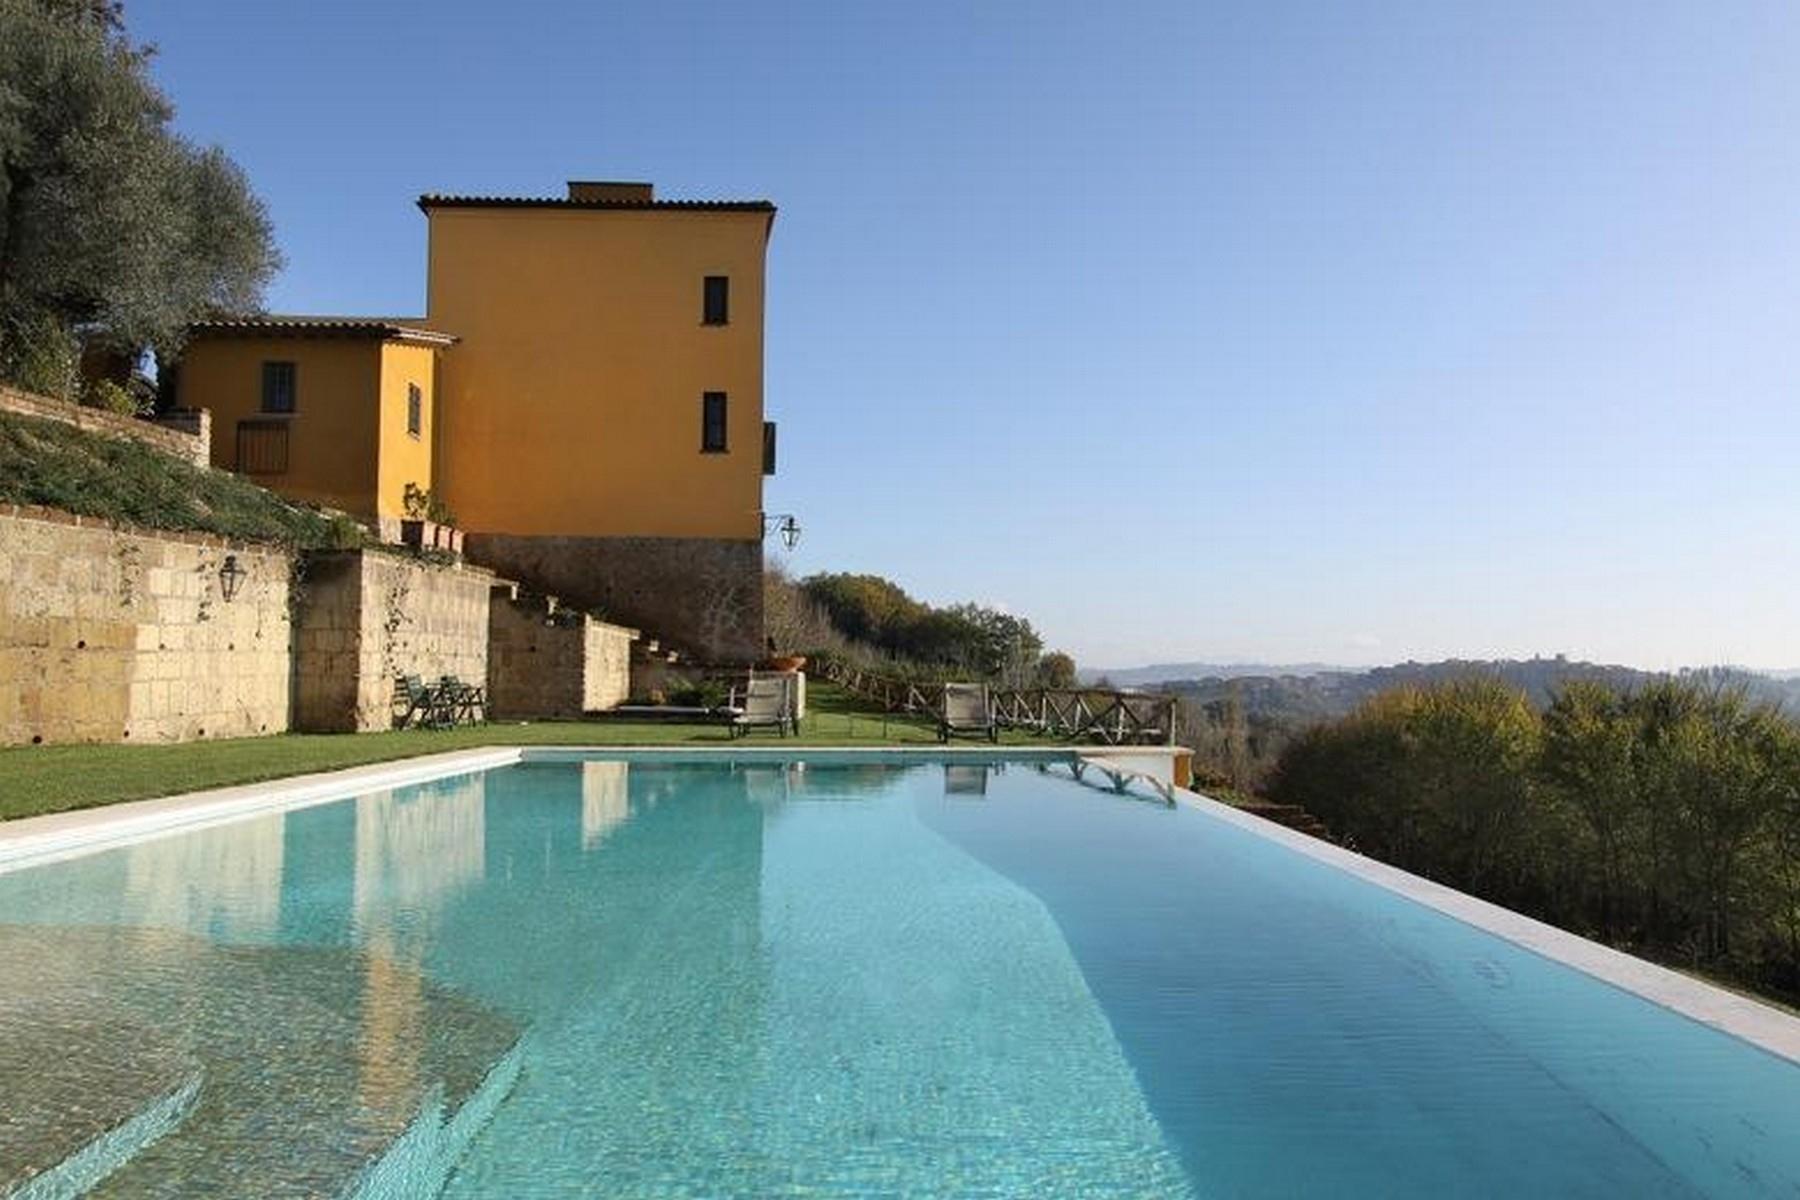 Villa in Vendita a Otricoli: 5 locali, 770 mq - Foto 5